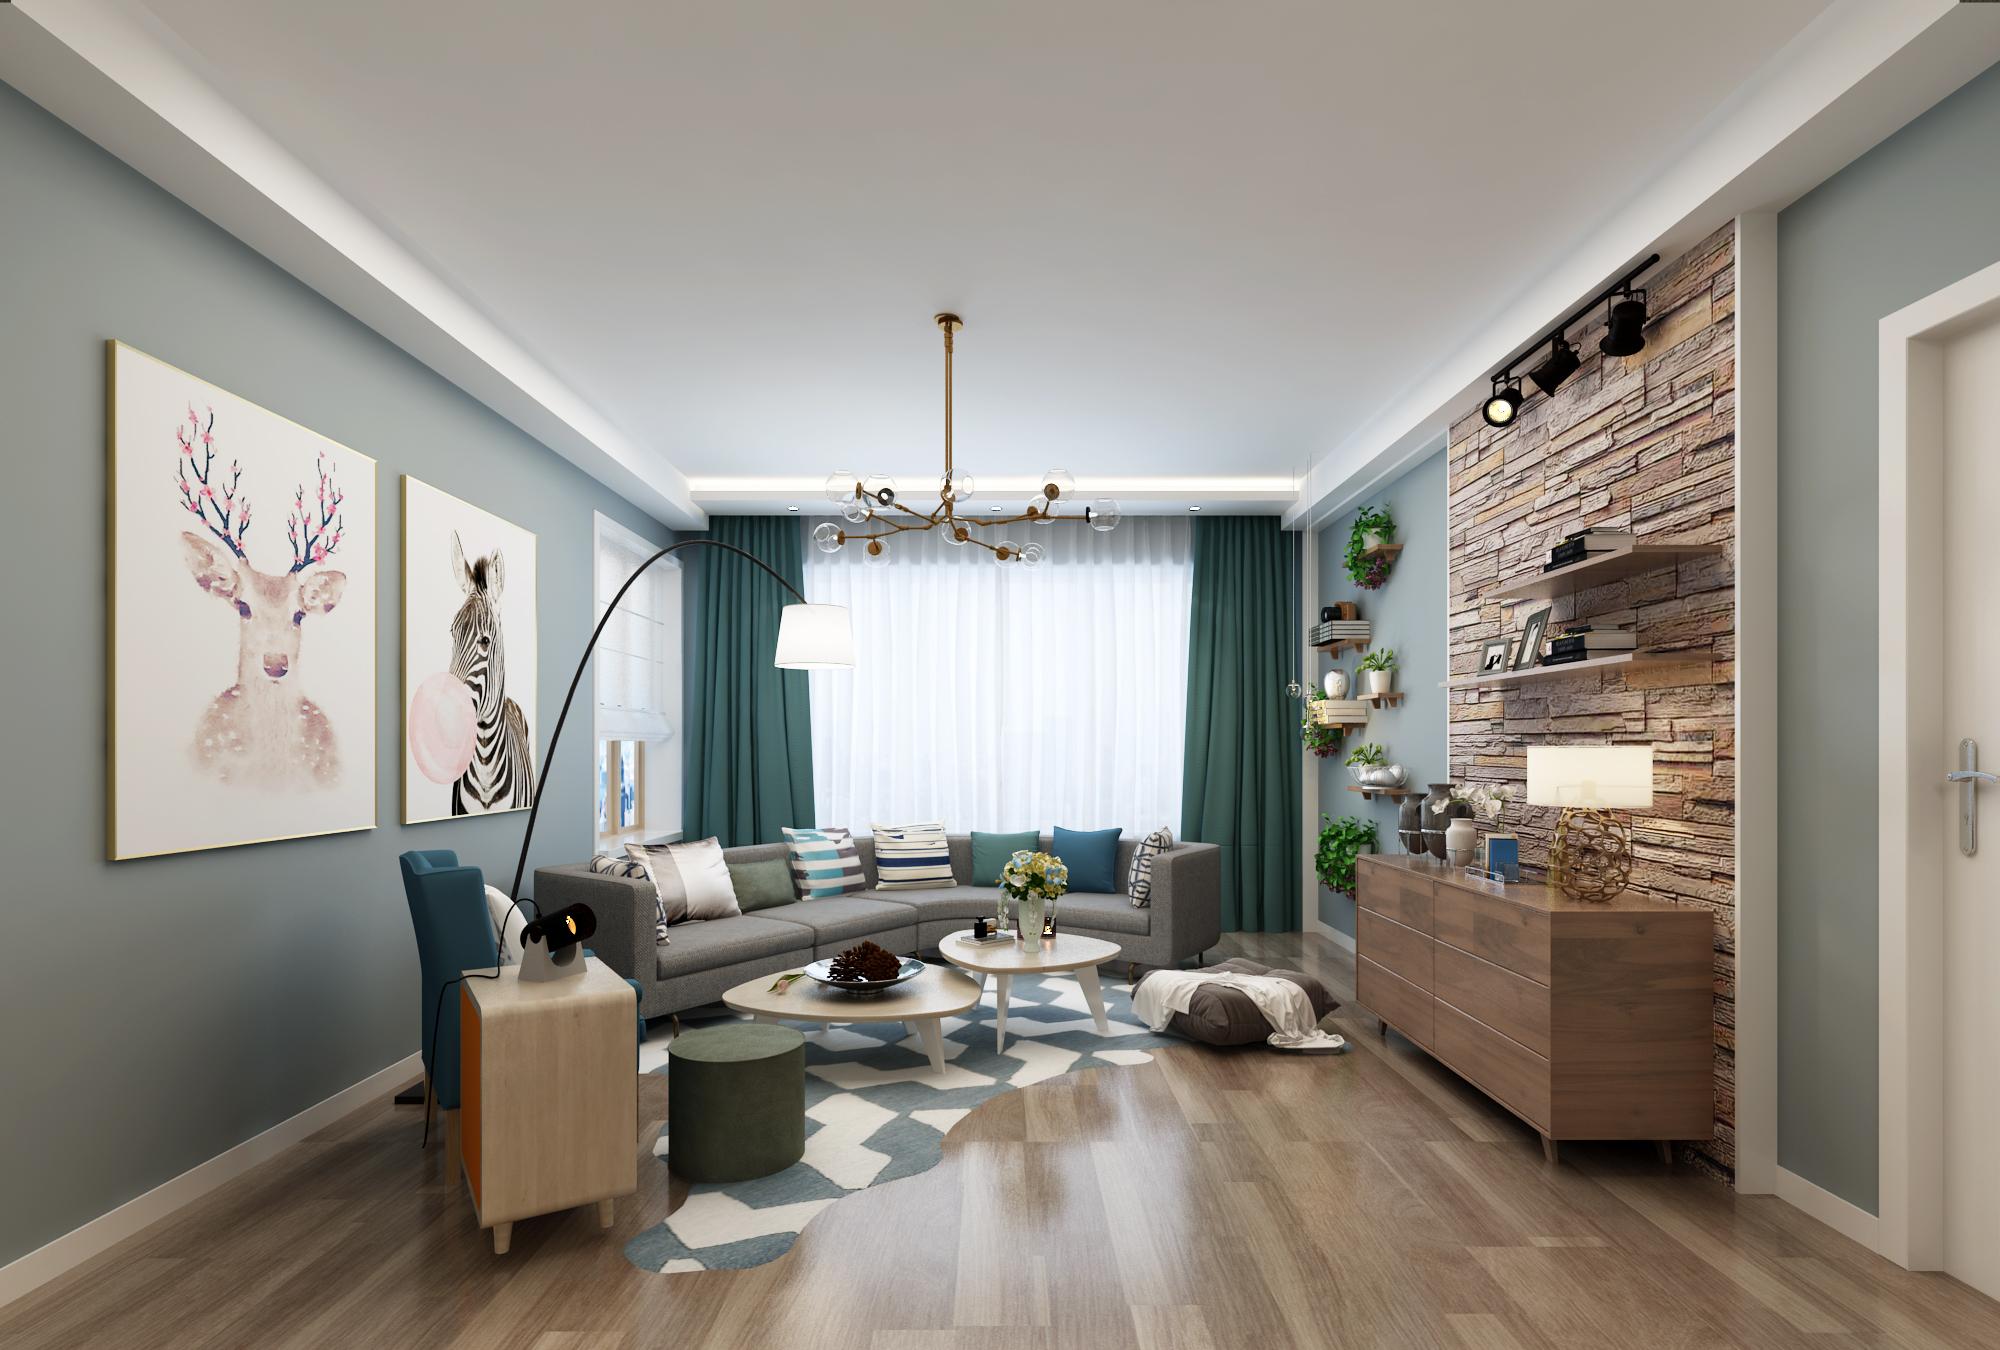 二居室北欧风格客厅装修效果图